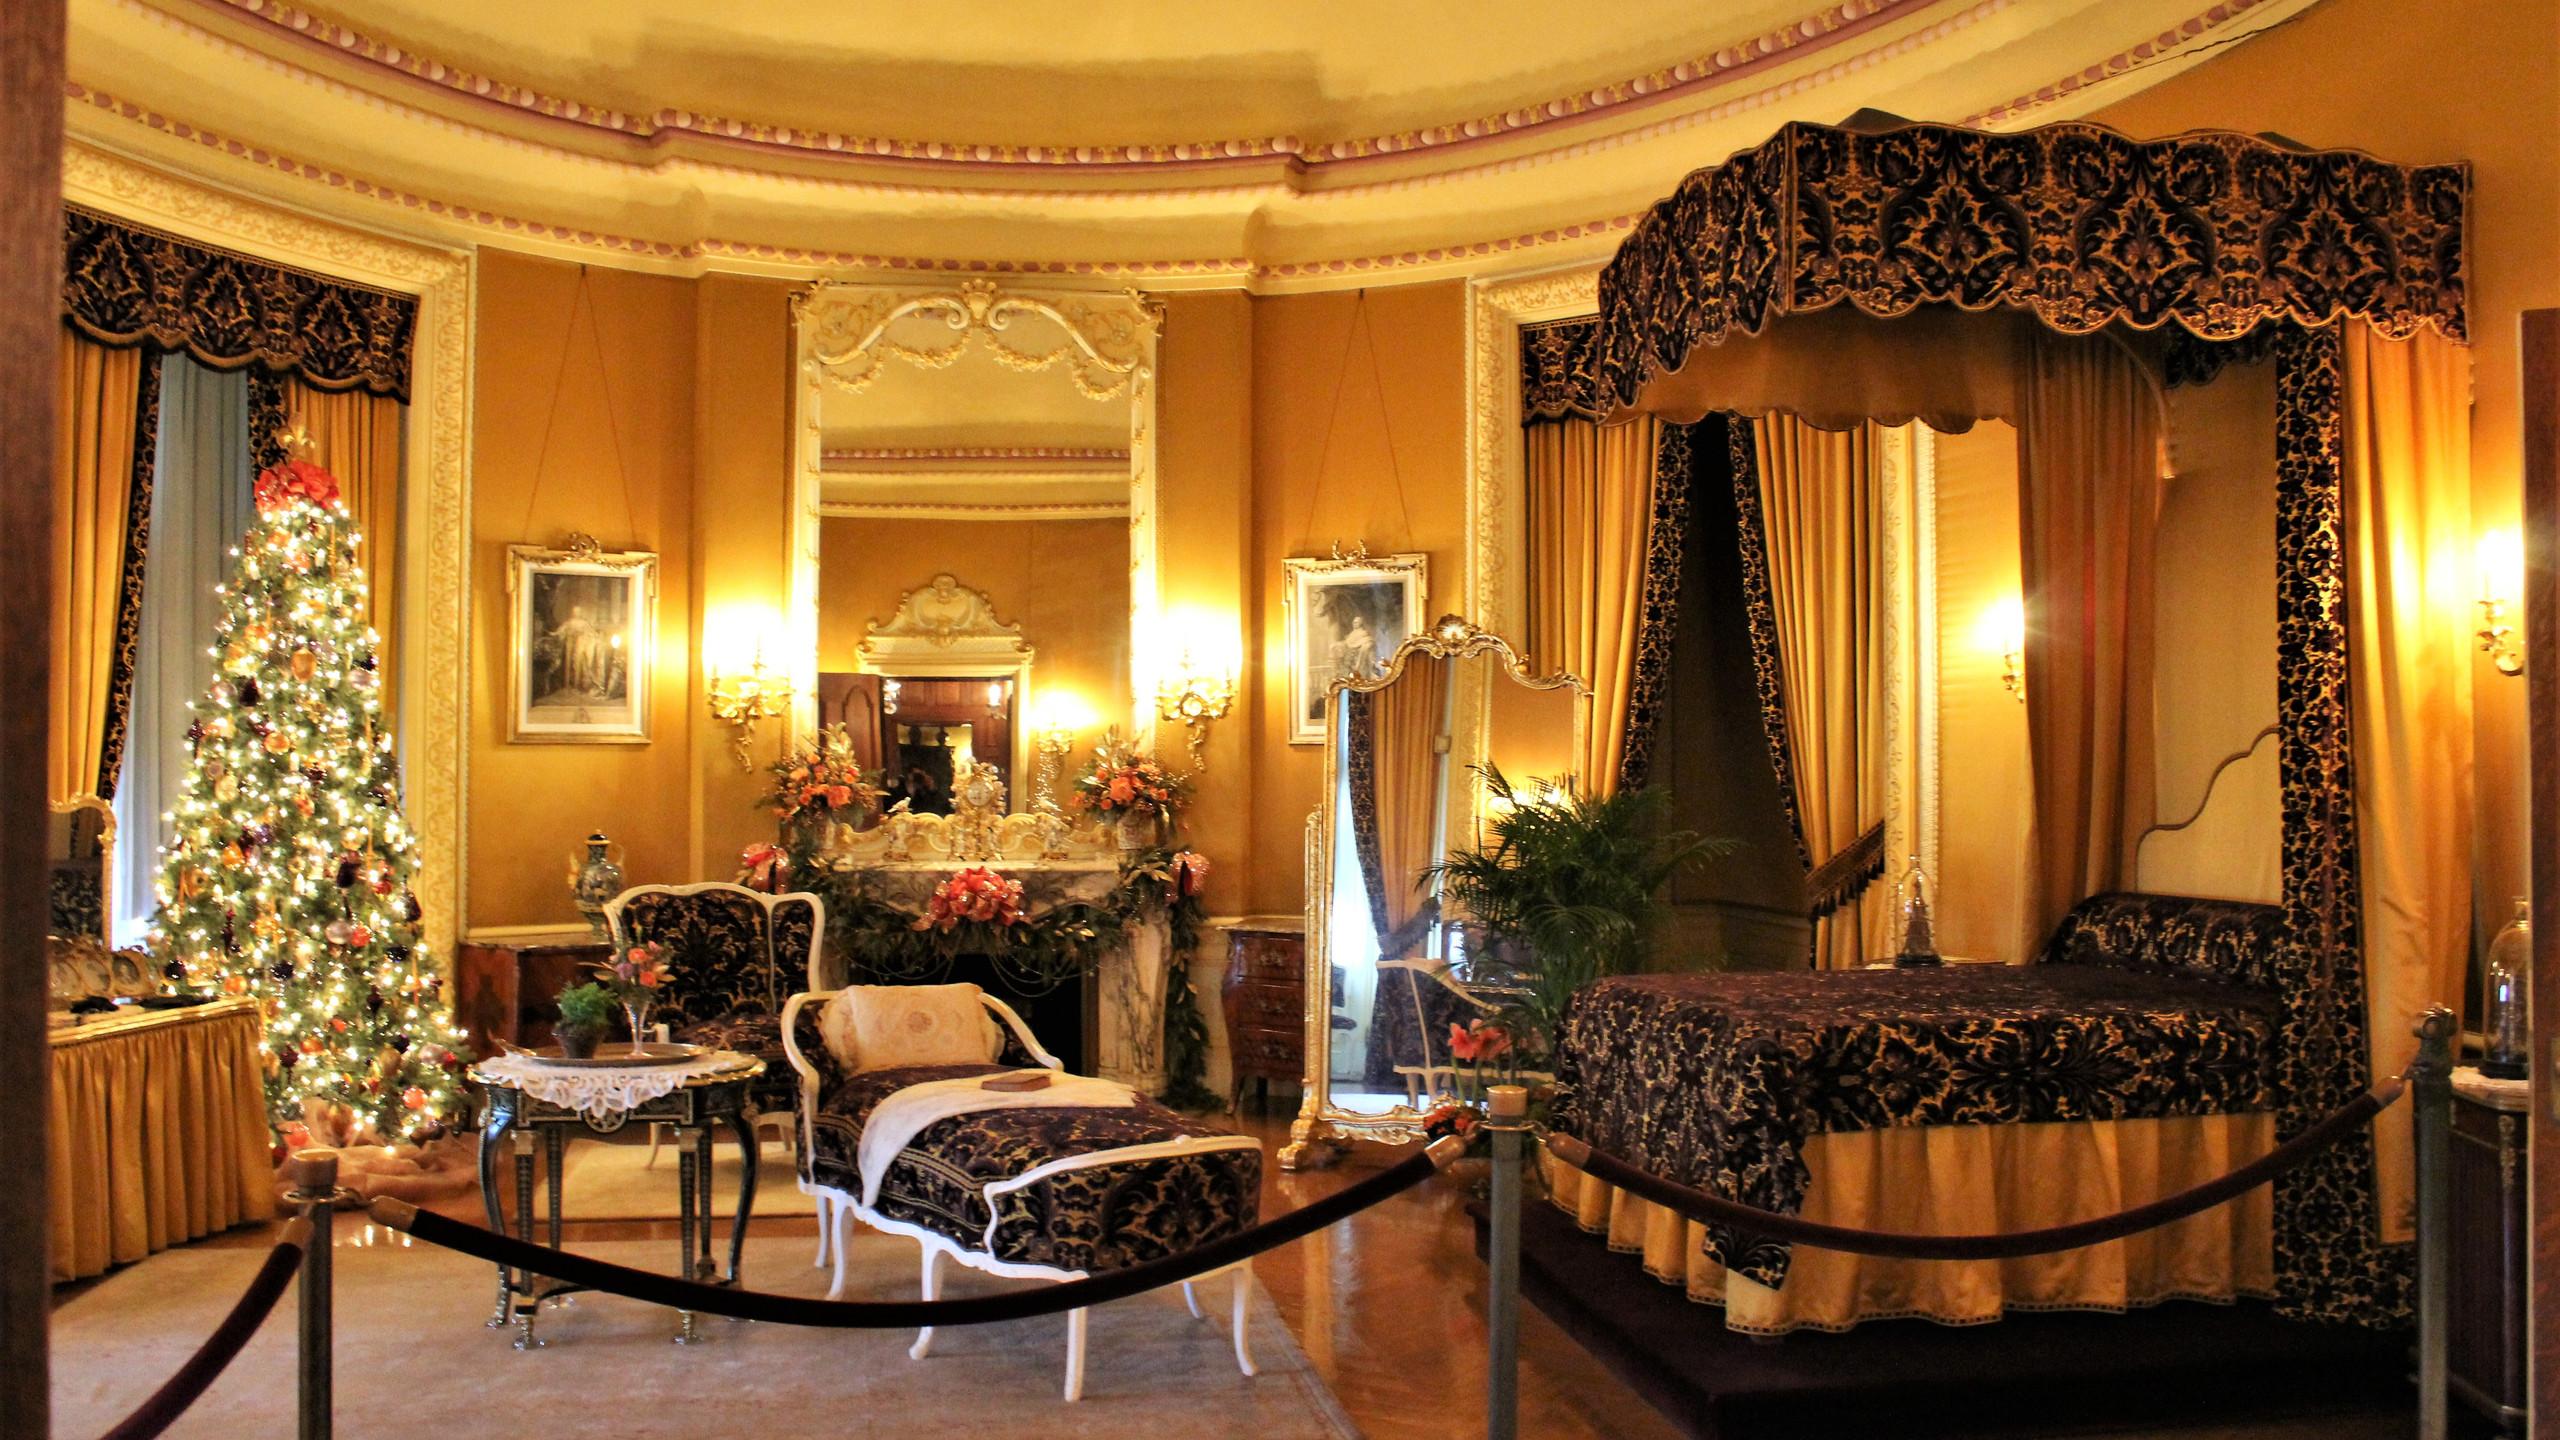 Mrs. Vanderbilt's Chambers